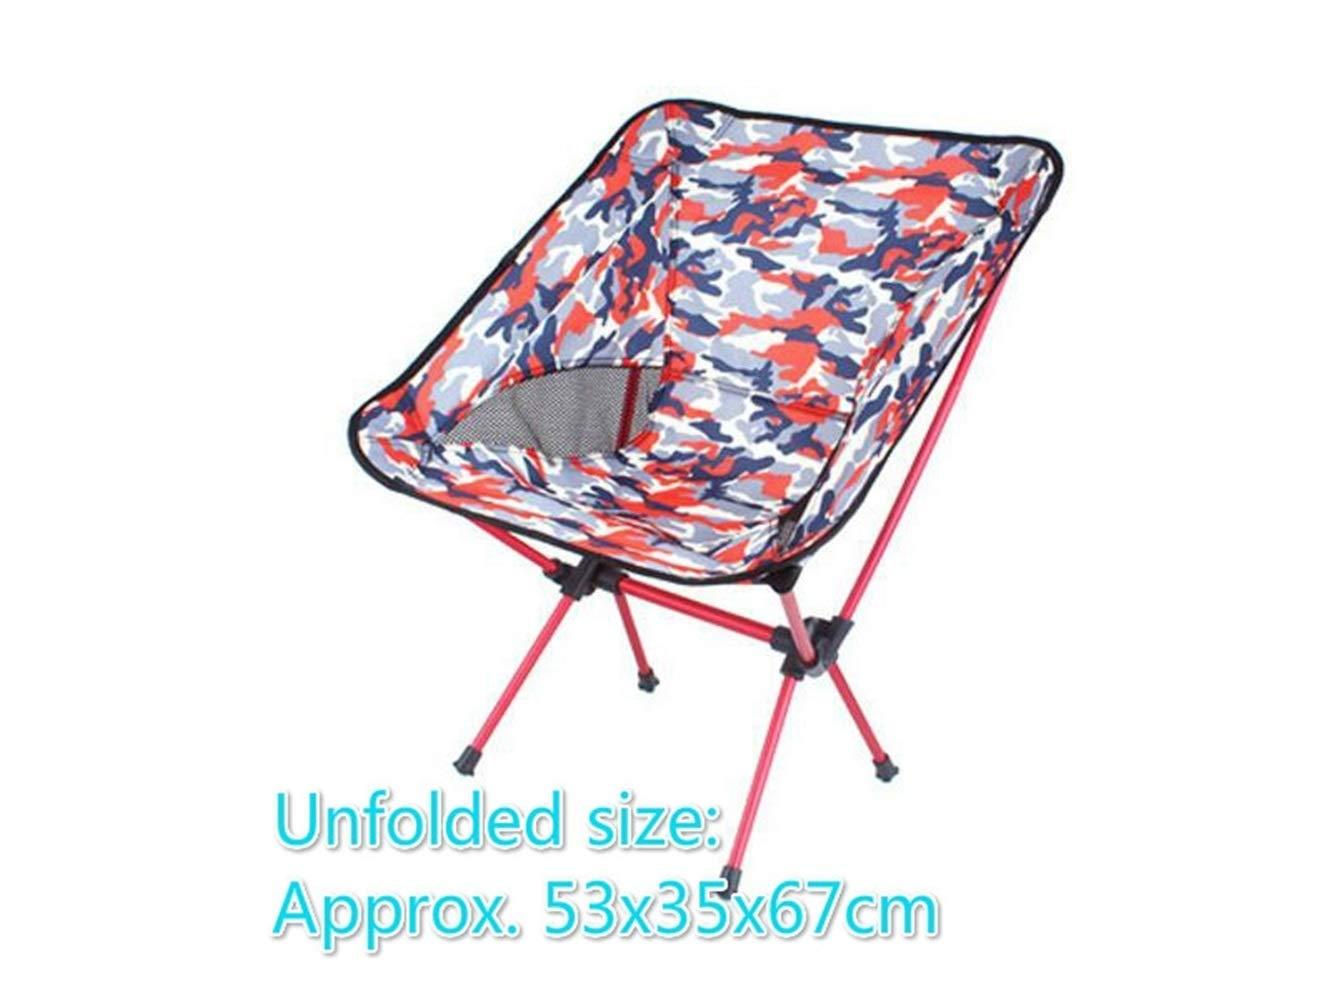 LMKIJN Silla cómoda Camuflaje portátil Plegable Silla de reclinable Pesca reclinable de Silla de Camping para al Aire Libre y la Pesca (Rojo) Muebles de Exterior b5a9fa